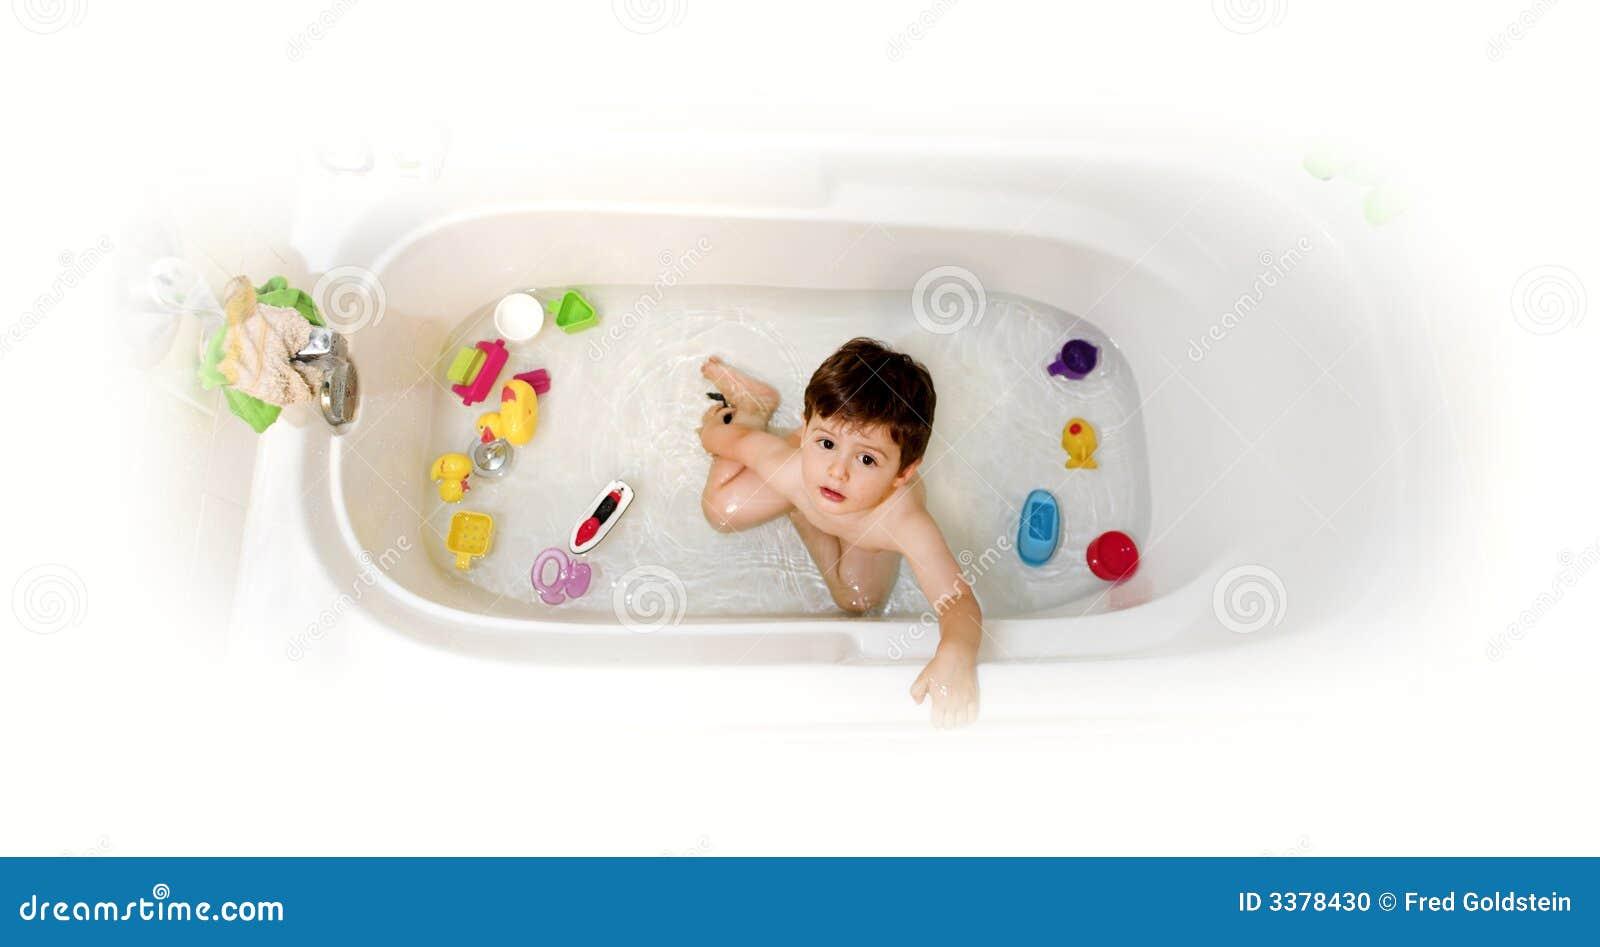 Bambino in vasca da bagno fotografia stock immagine di - Riduttore vasca bagno bambino ...